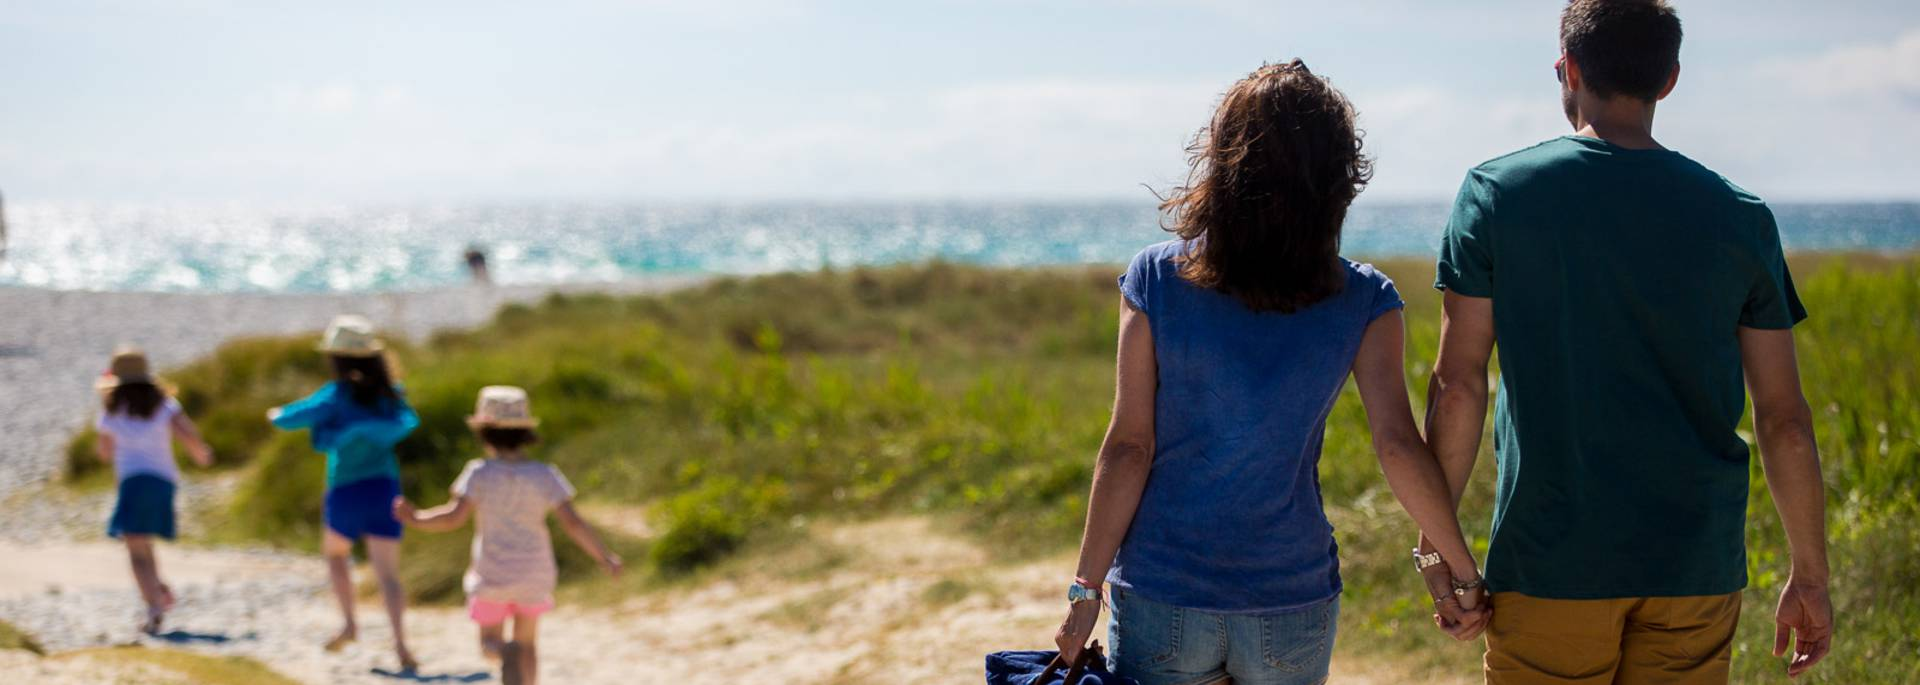 On the way to Kerbinigou-Trégoat beach, Pays Bigouden © Y Derennes